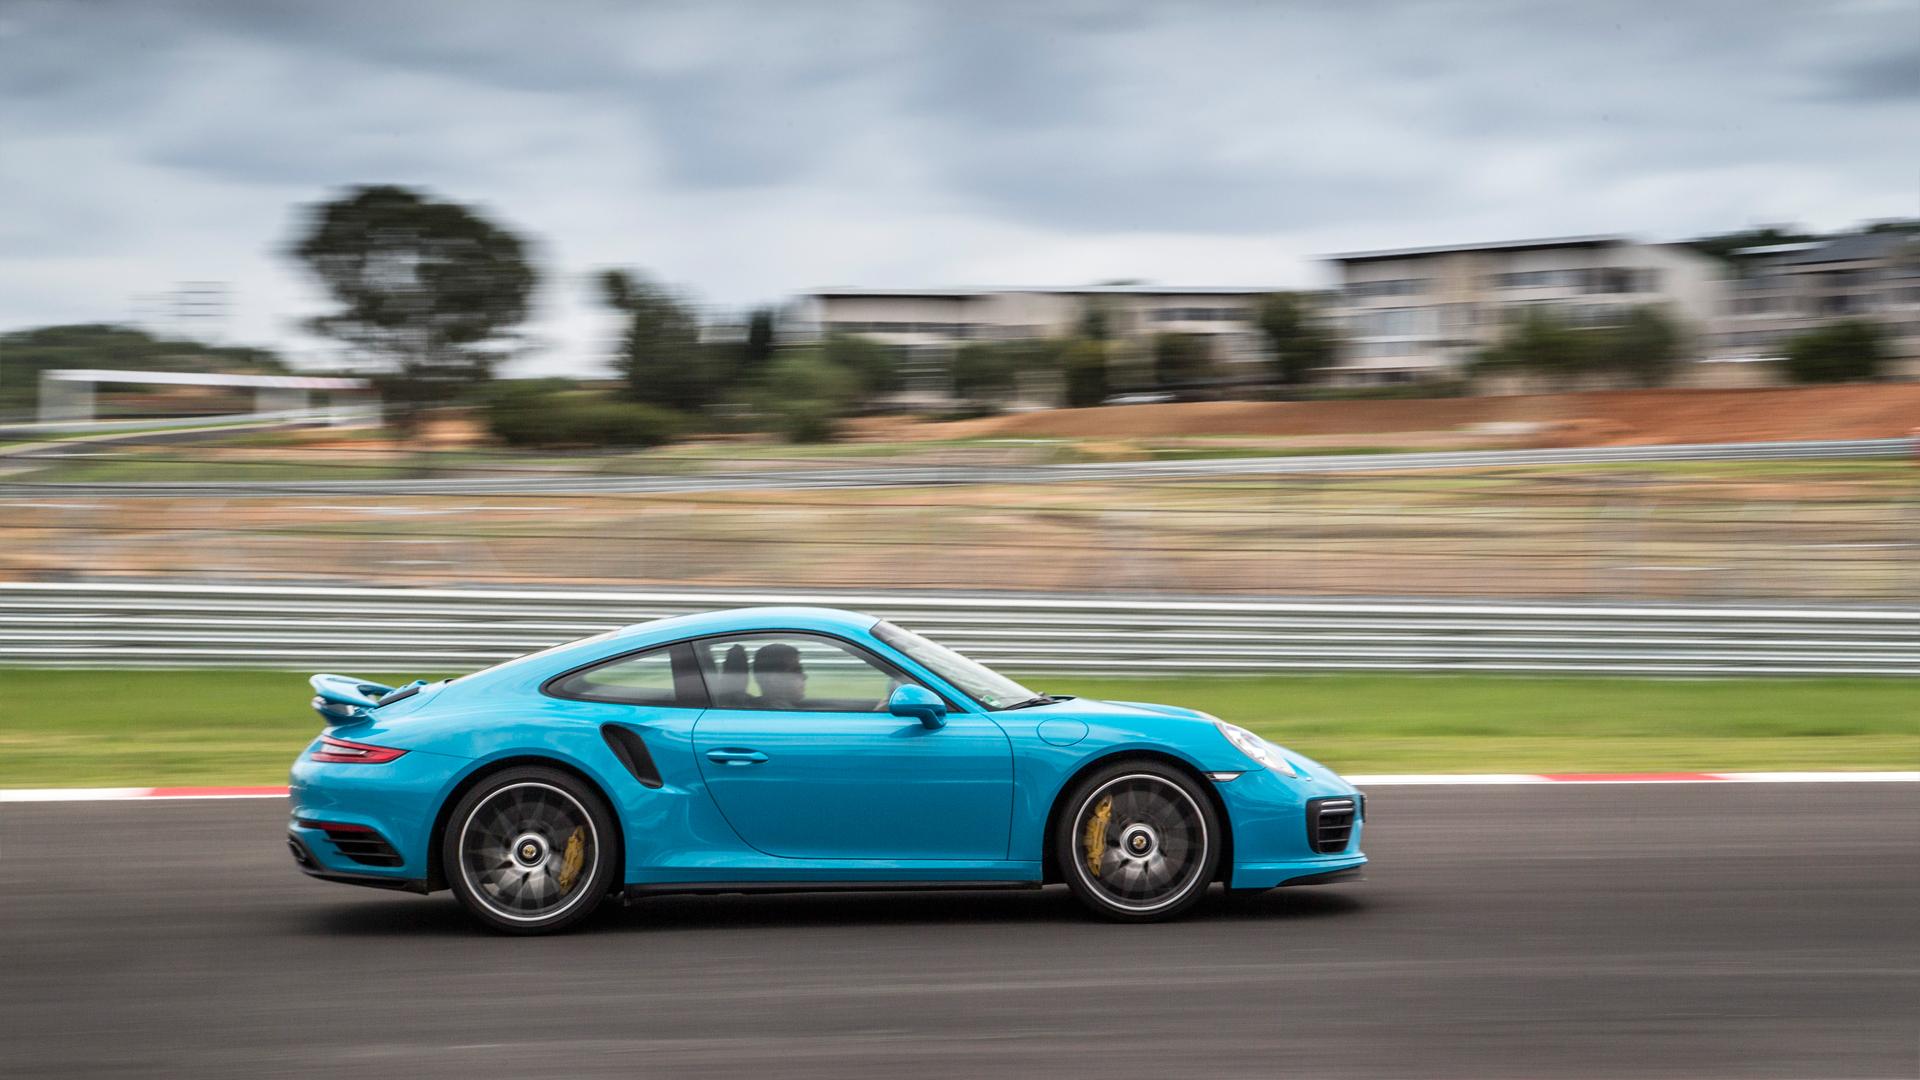 Обман законов физики и плата за совершенство: тест обновленного Porsche 911 Turbo S. Фото 2